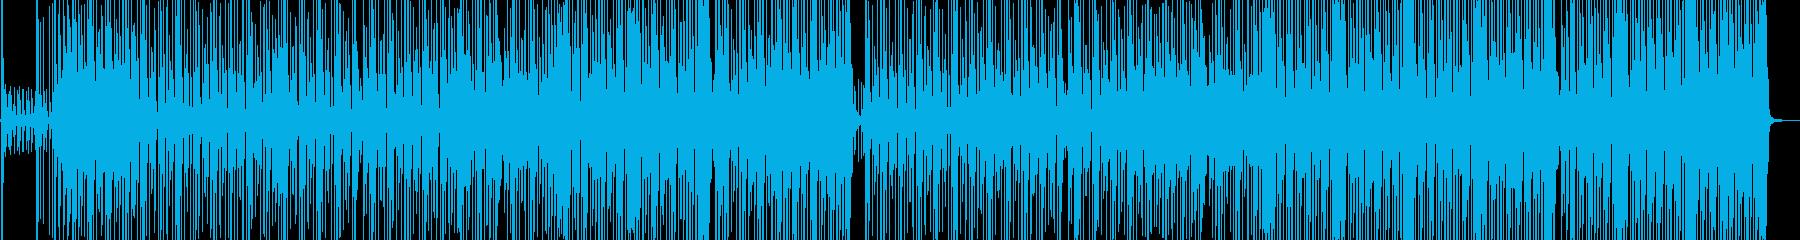 魅惑的な雰囲気・妖艶なR&B 長尺の再生済みの波形